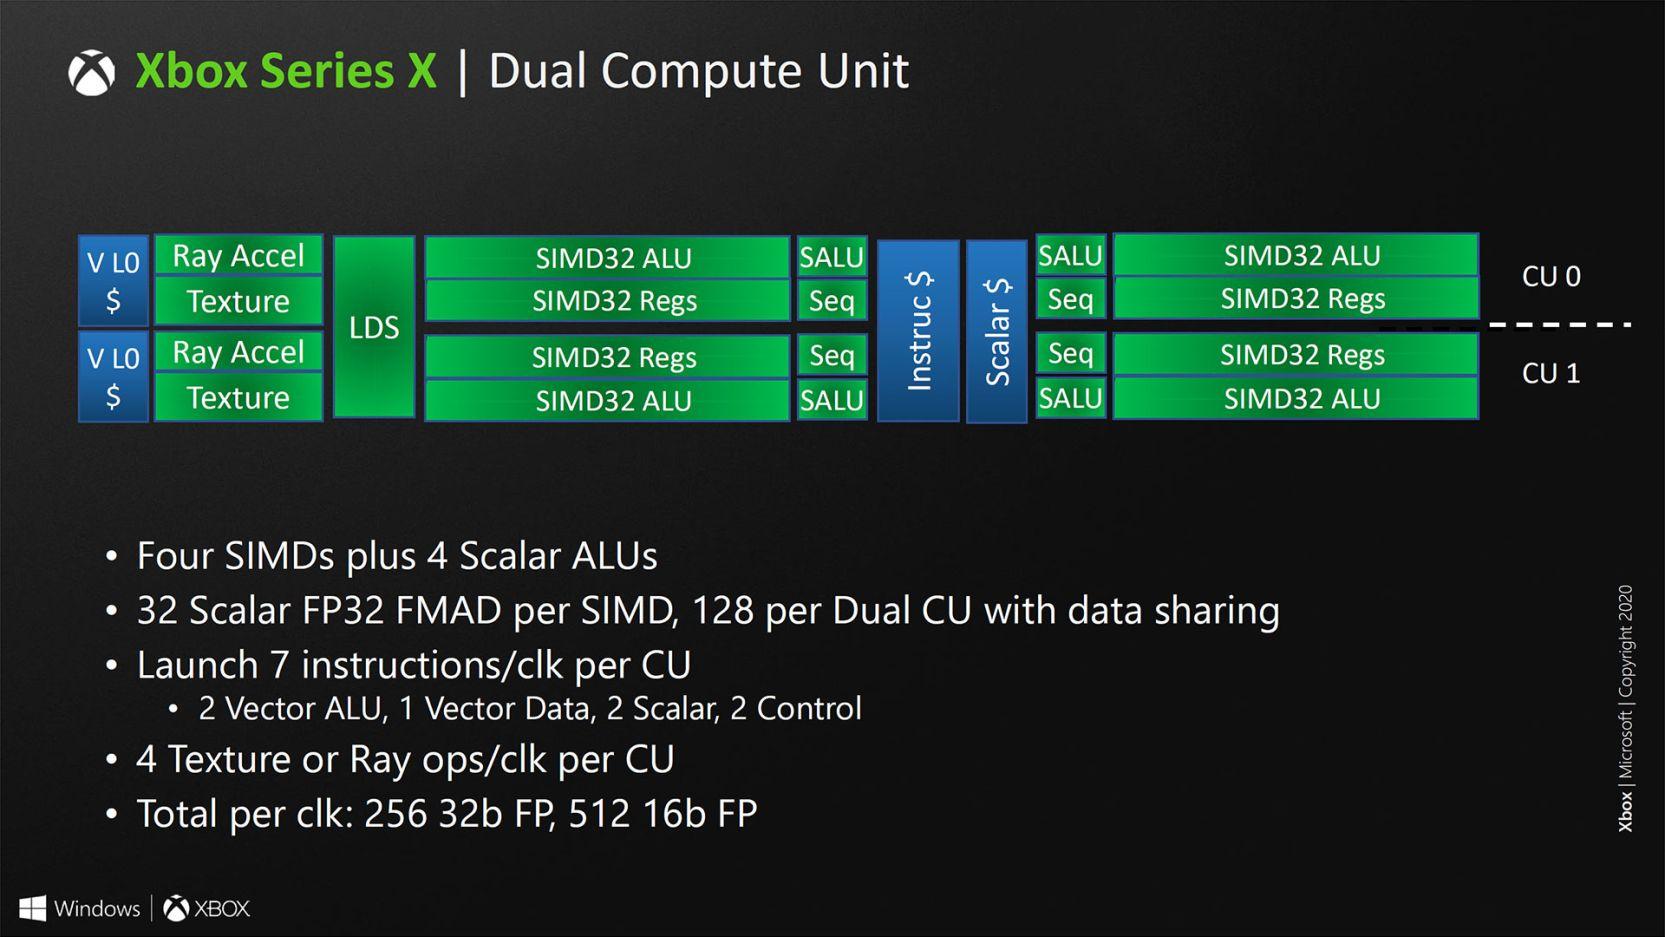 La GPU de PS5 es una Radeon RX 6700 mejorada, la de Xbox Series X quedaría por detrás de la RX 6800 31